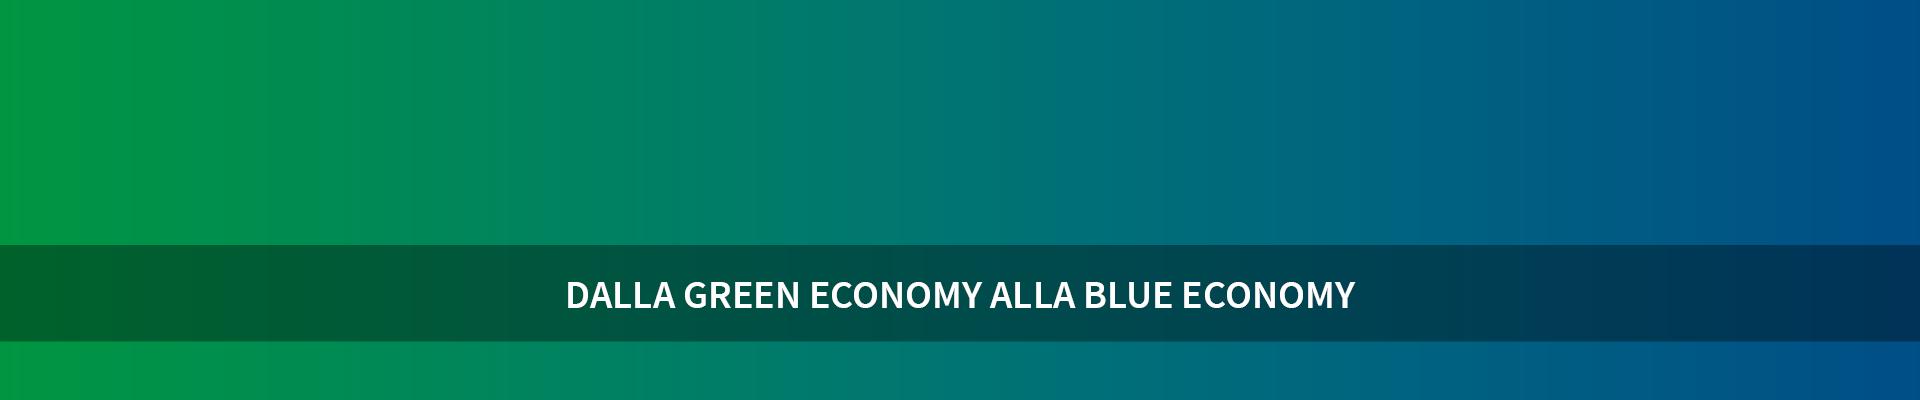 Dalla Green Economy alla Blue Economy -